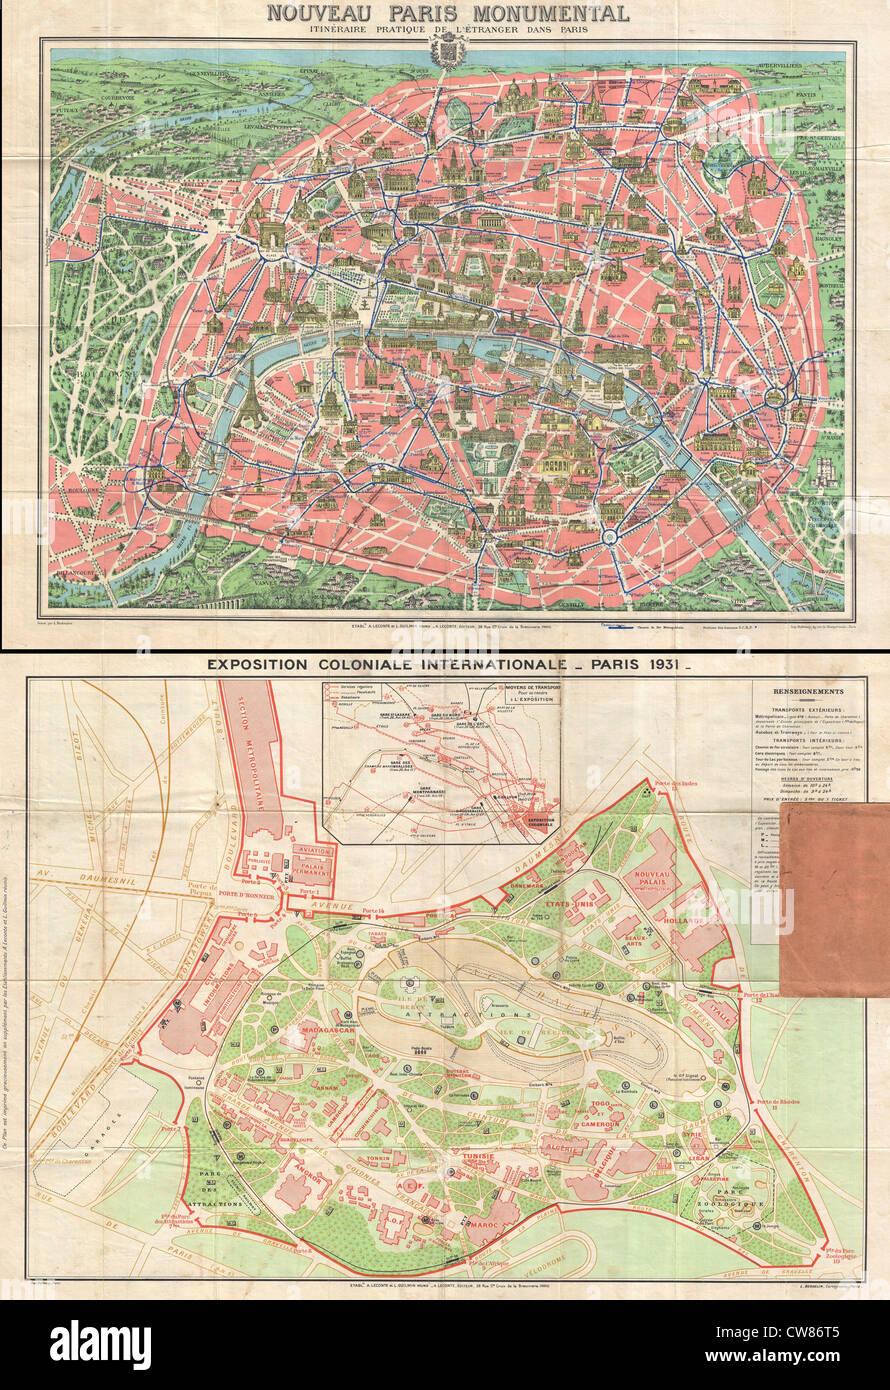 1931 Lecont Mappa di Parigi w-monumenti e mappa della Esposizione Coloniale Immagini Stock